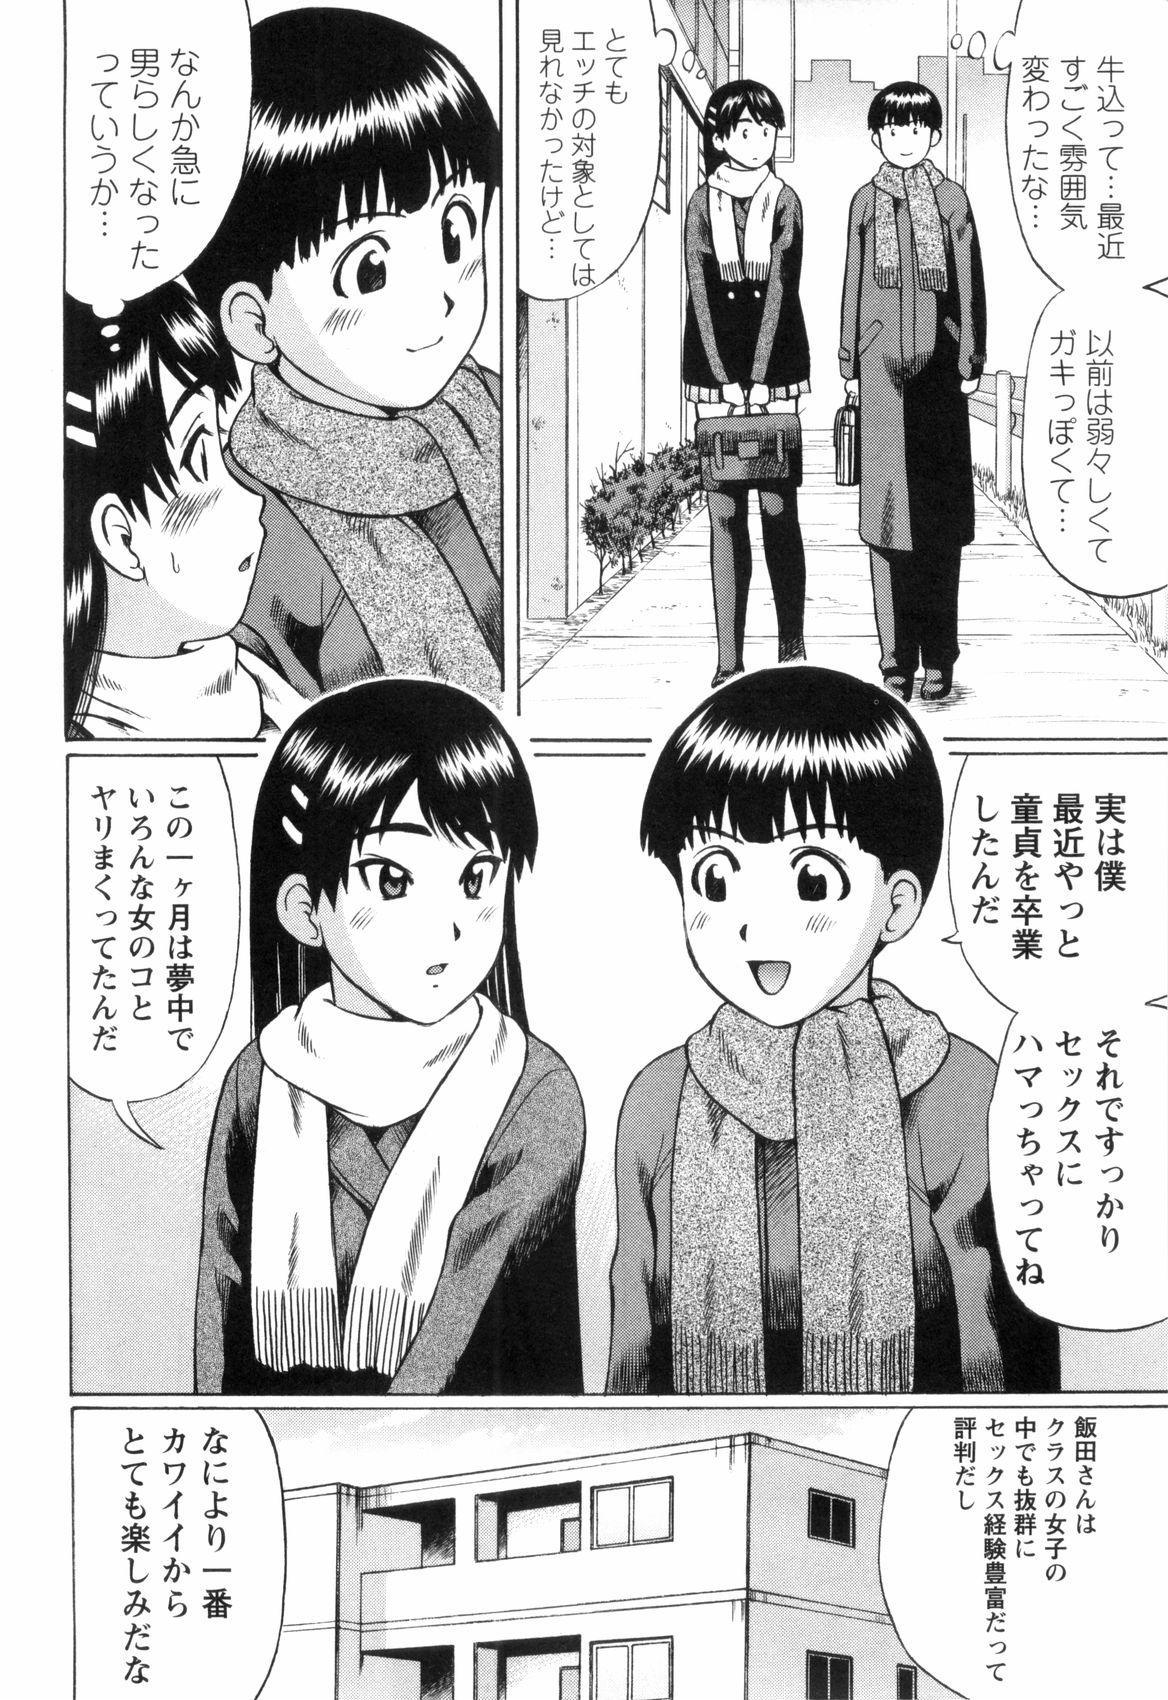 Doutei Yuugi 118